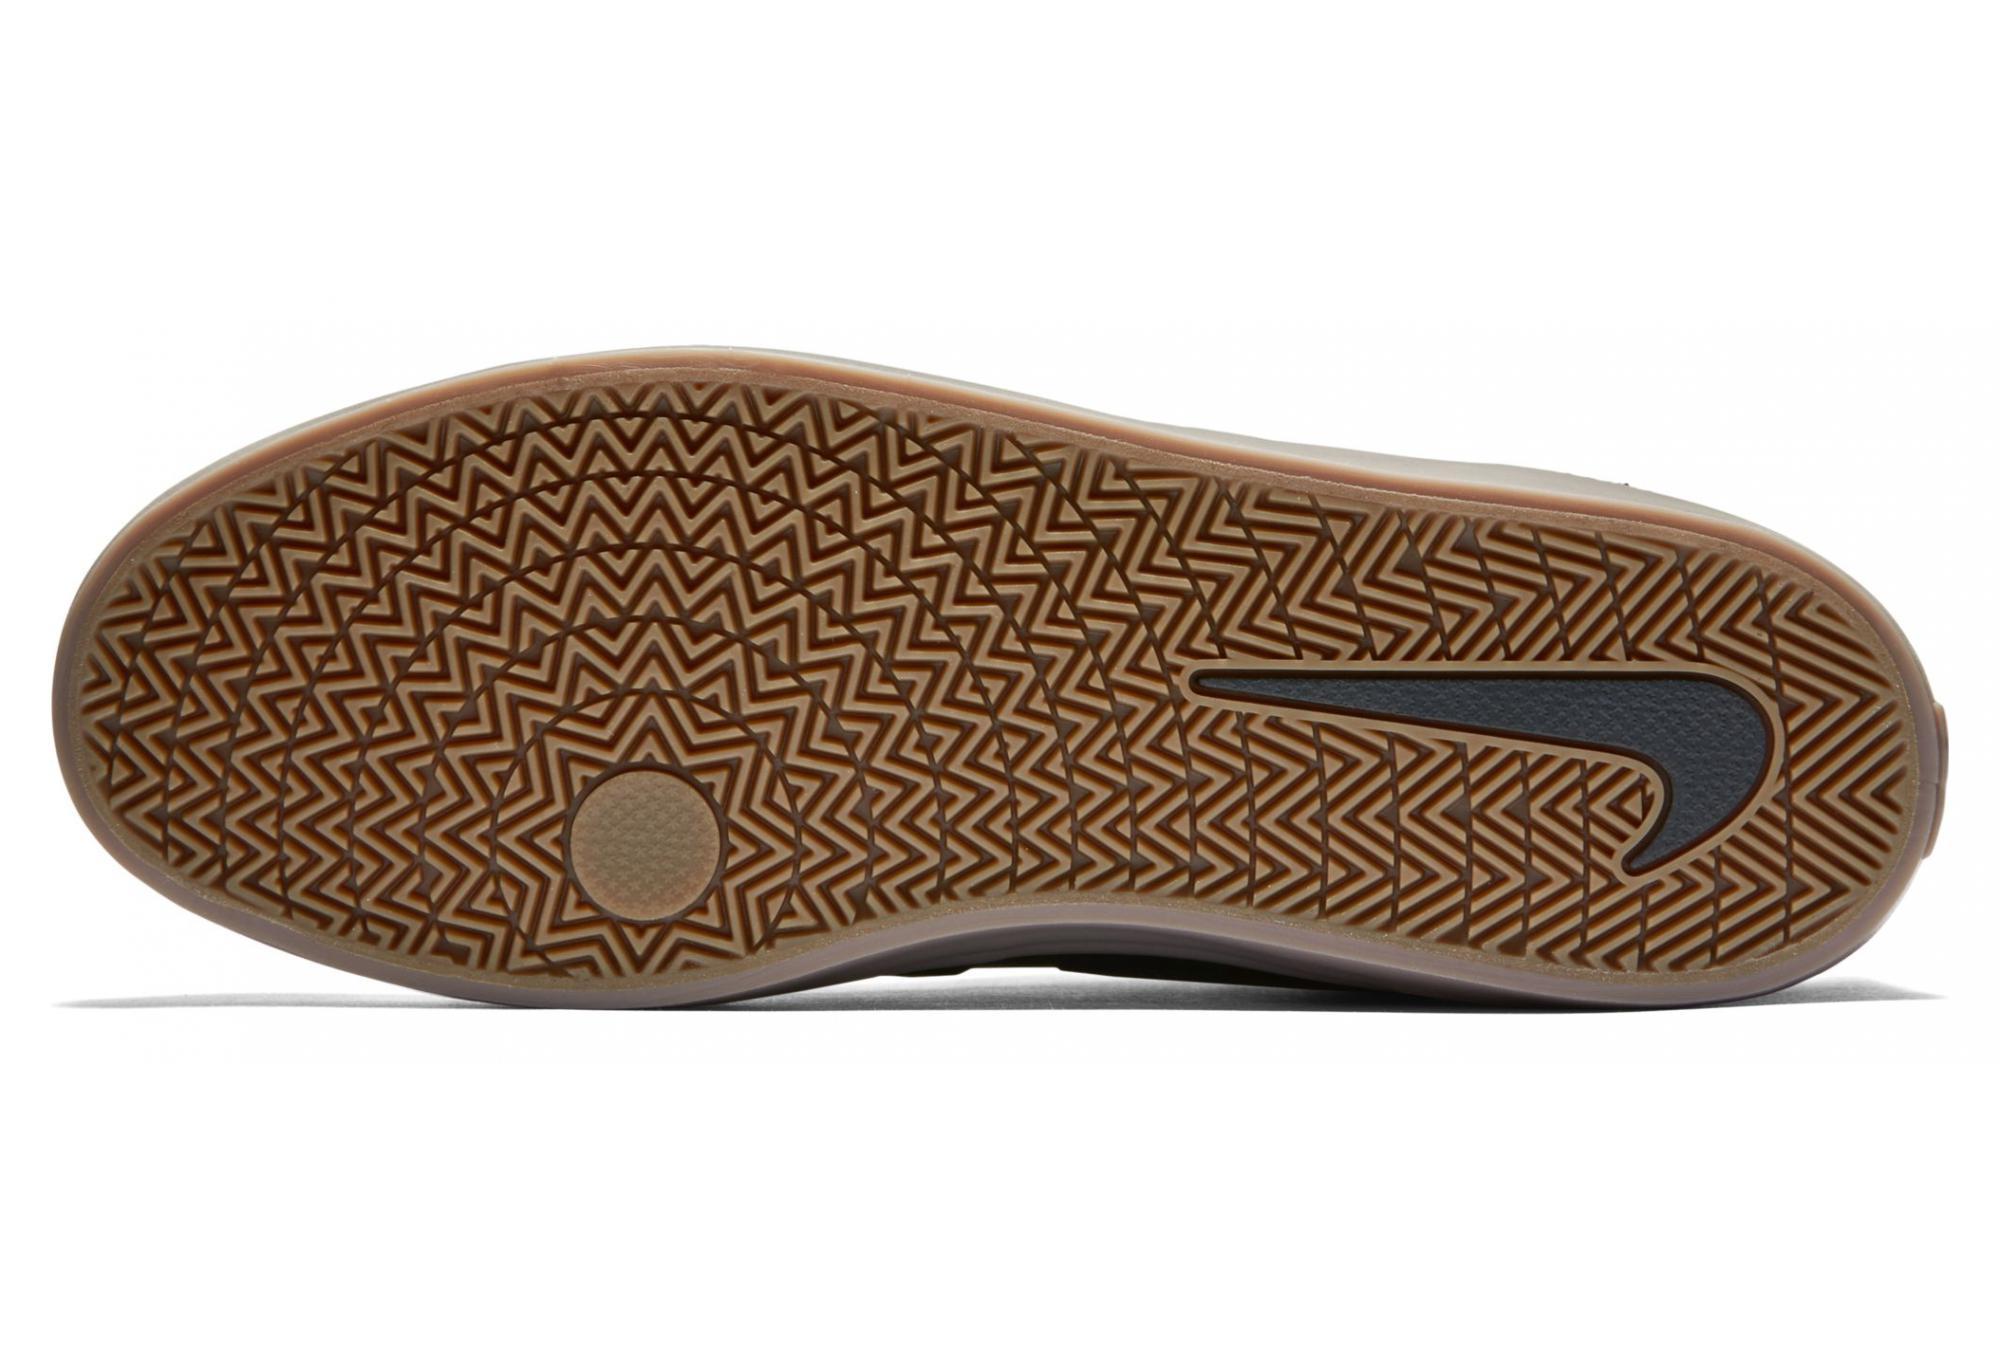 Chaussures Nike SB Check Solarsoft Noir Beige Gum   Alltricks.fr